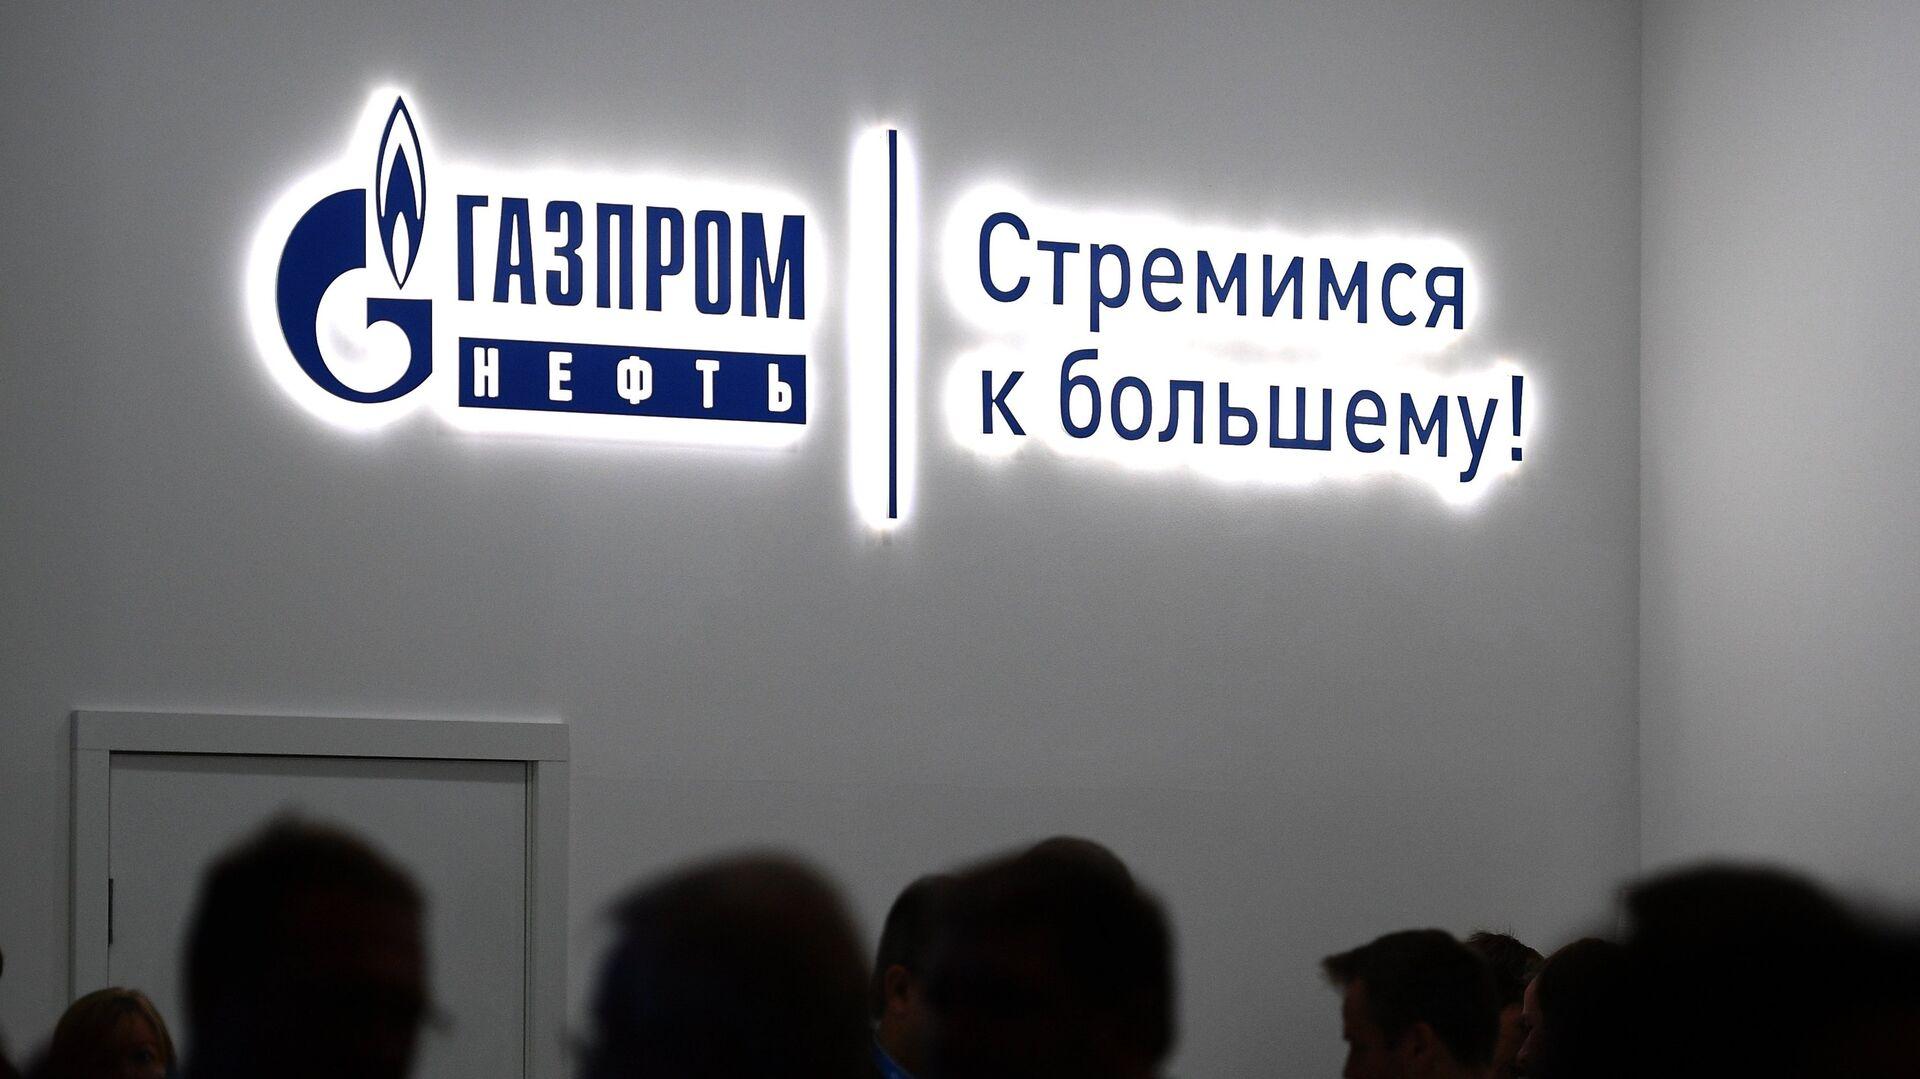 Штанд Гаспрома на Петербуршком међународном економском форуму - Sputnik Србија, 1920, 17.09.2021